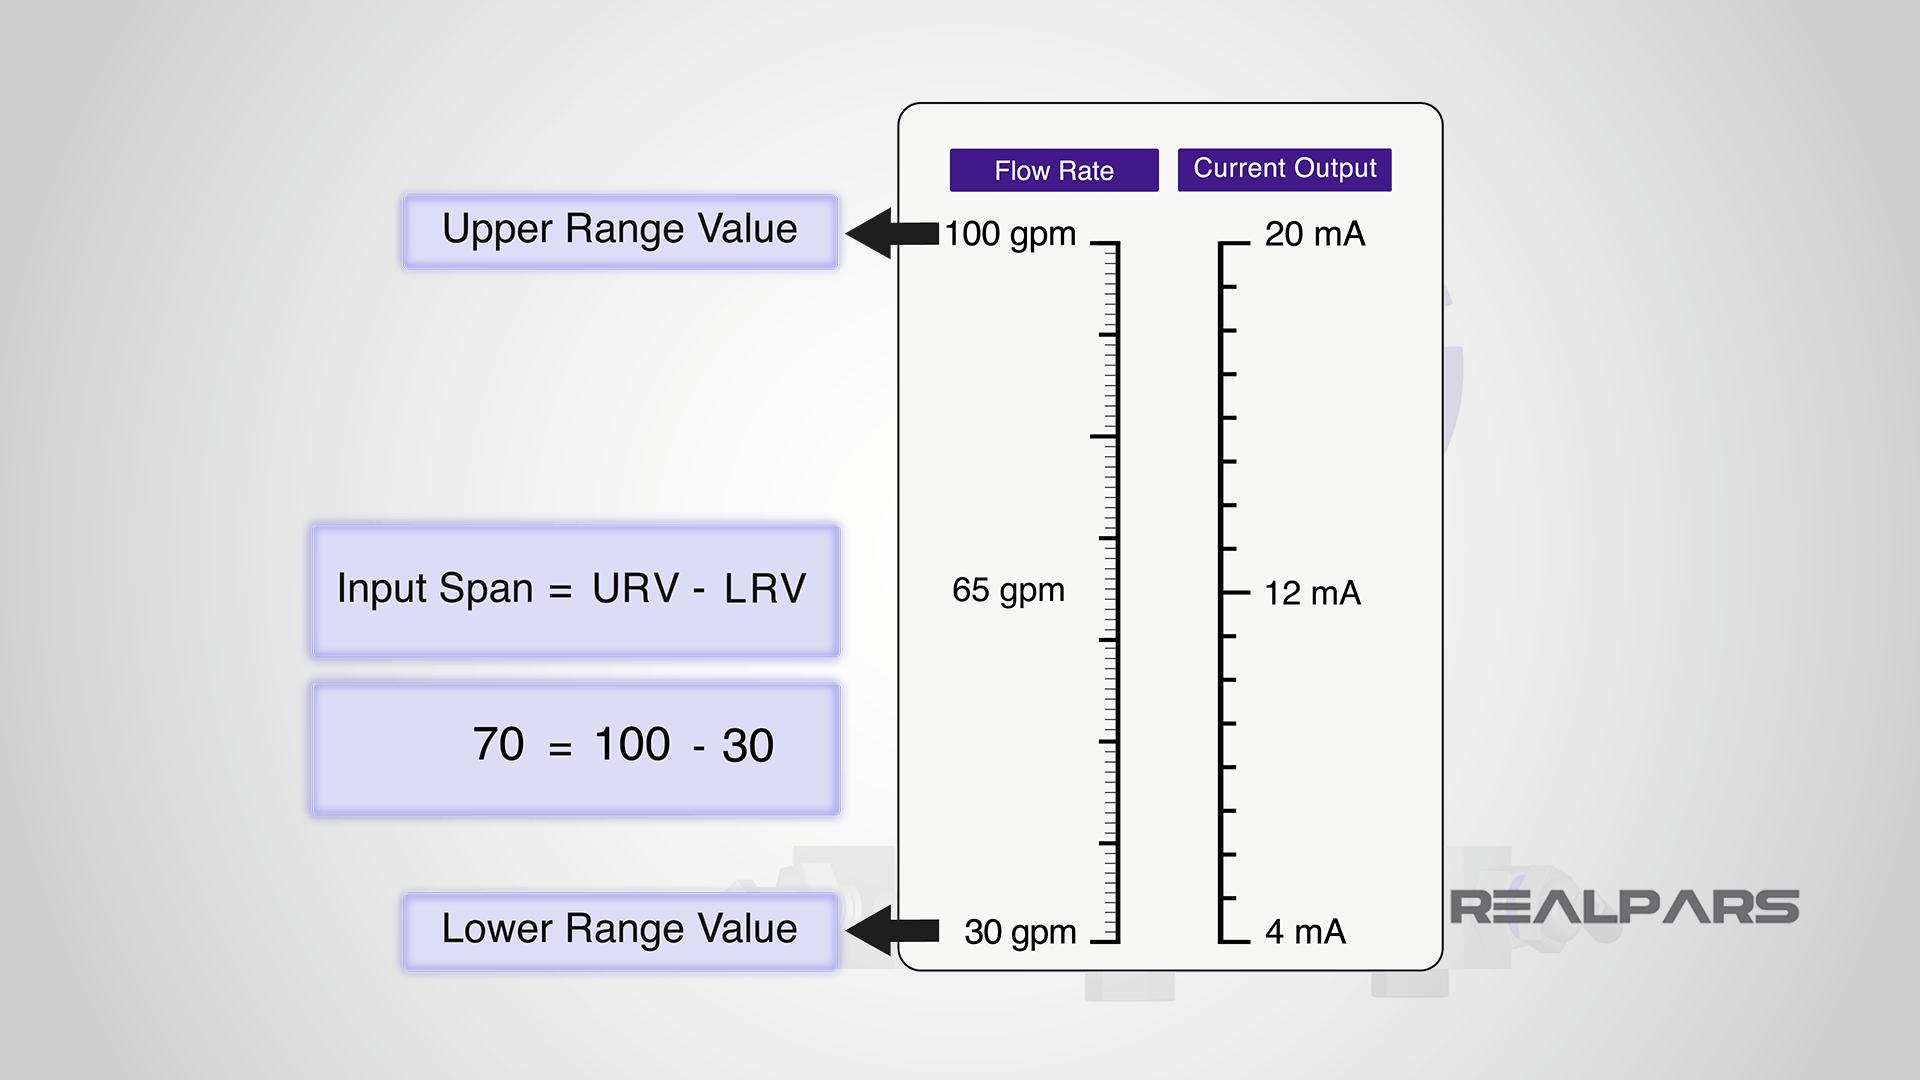 Transmitter Input Span